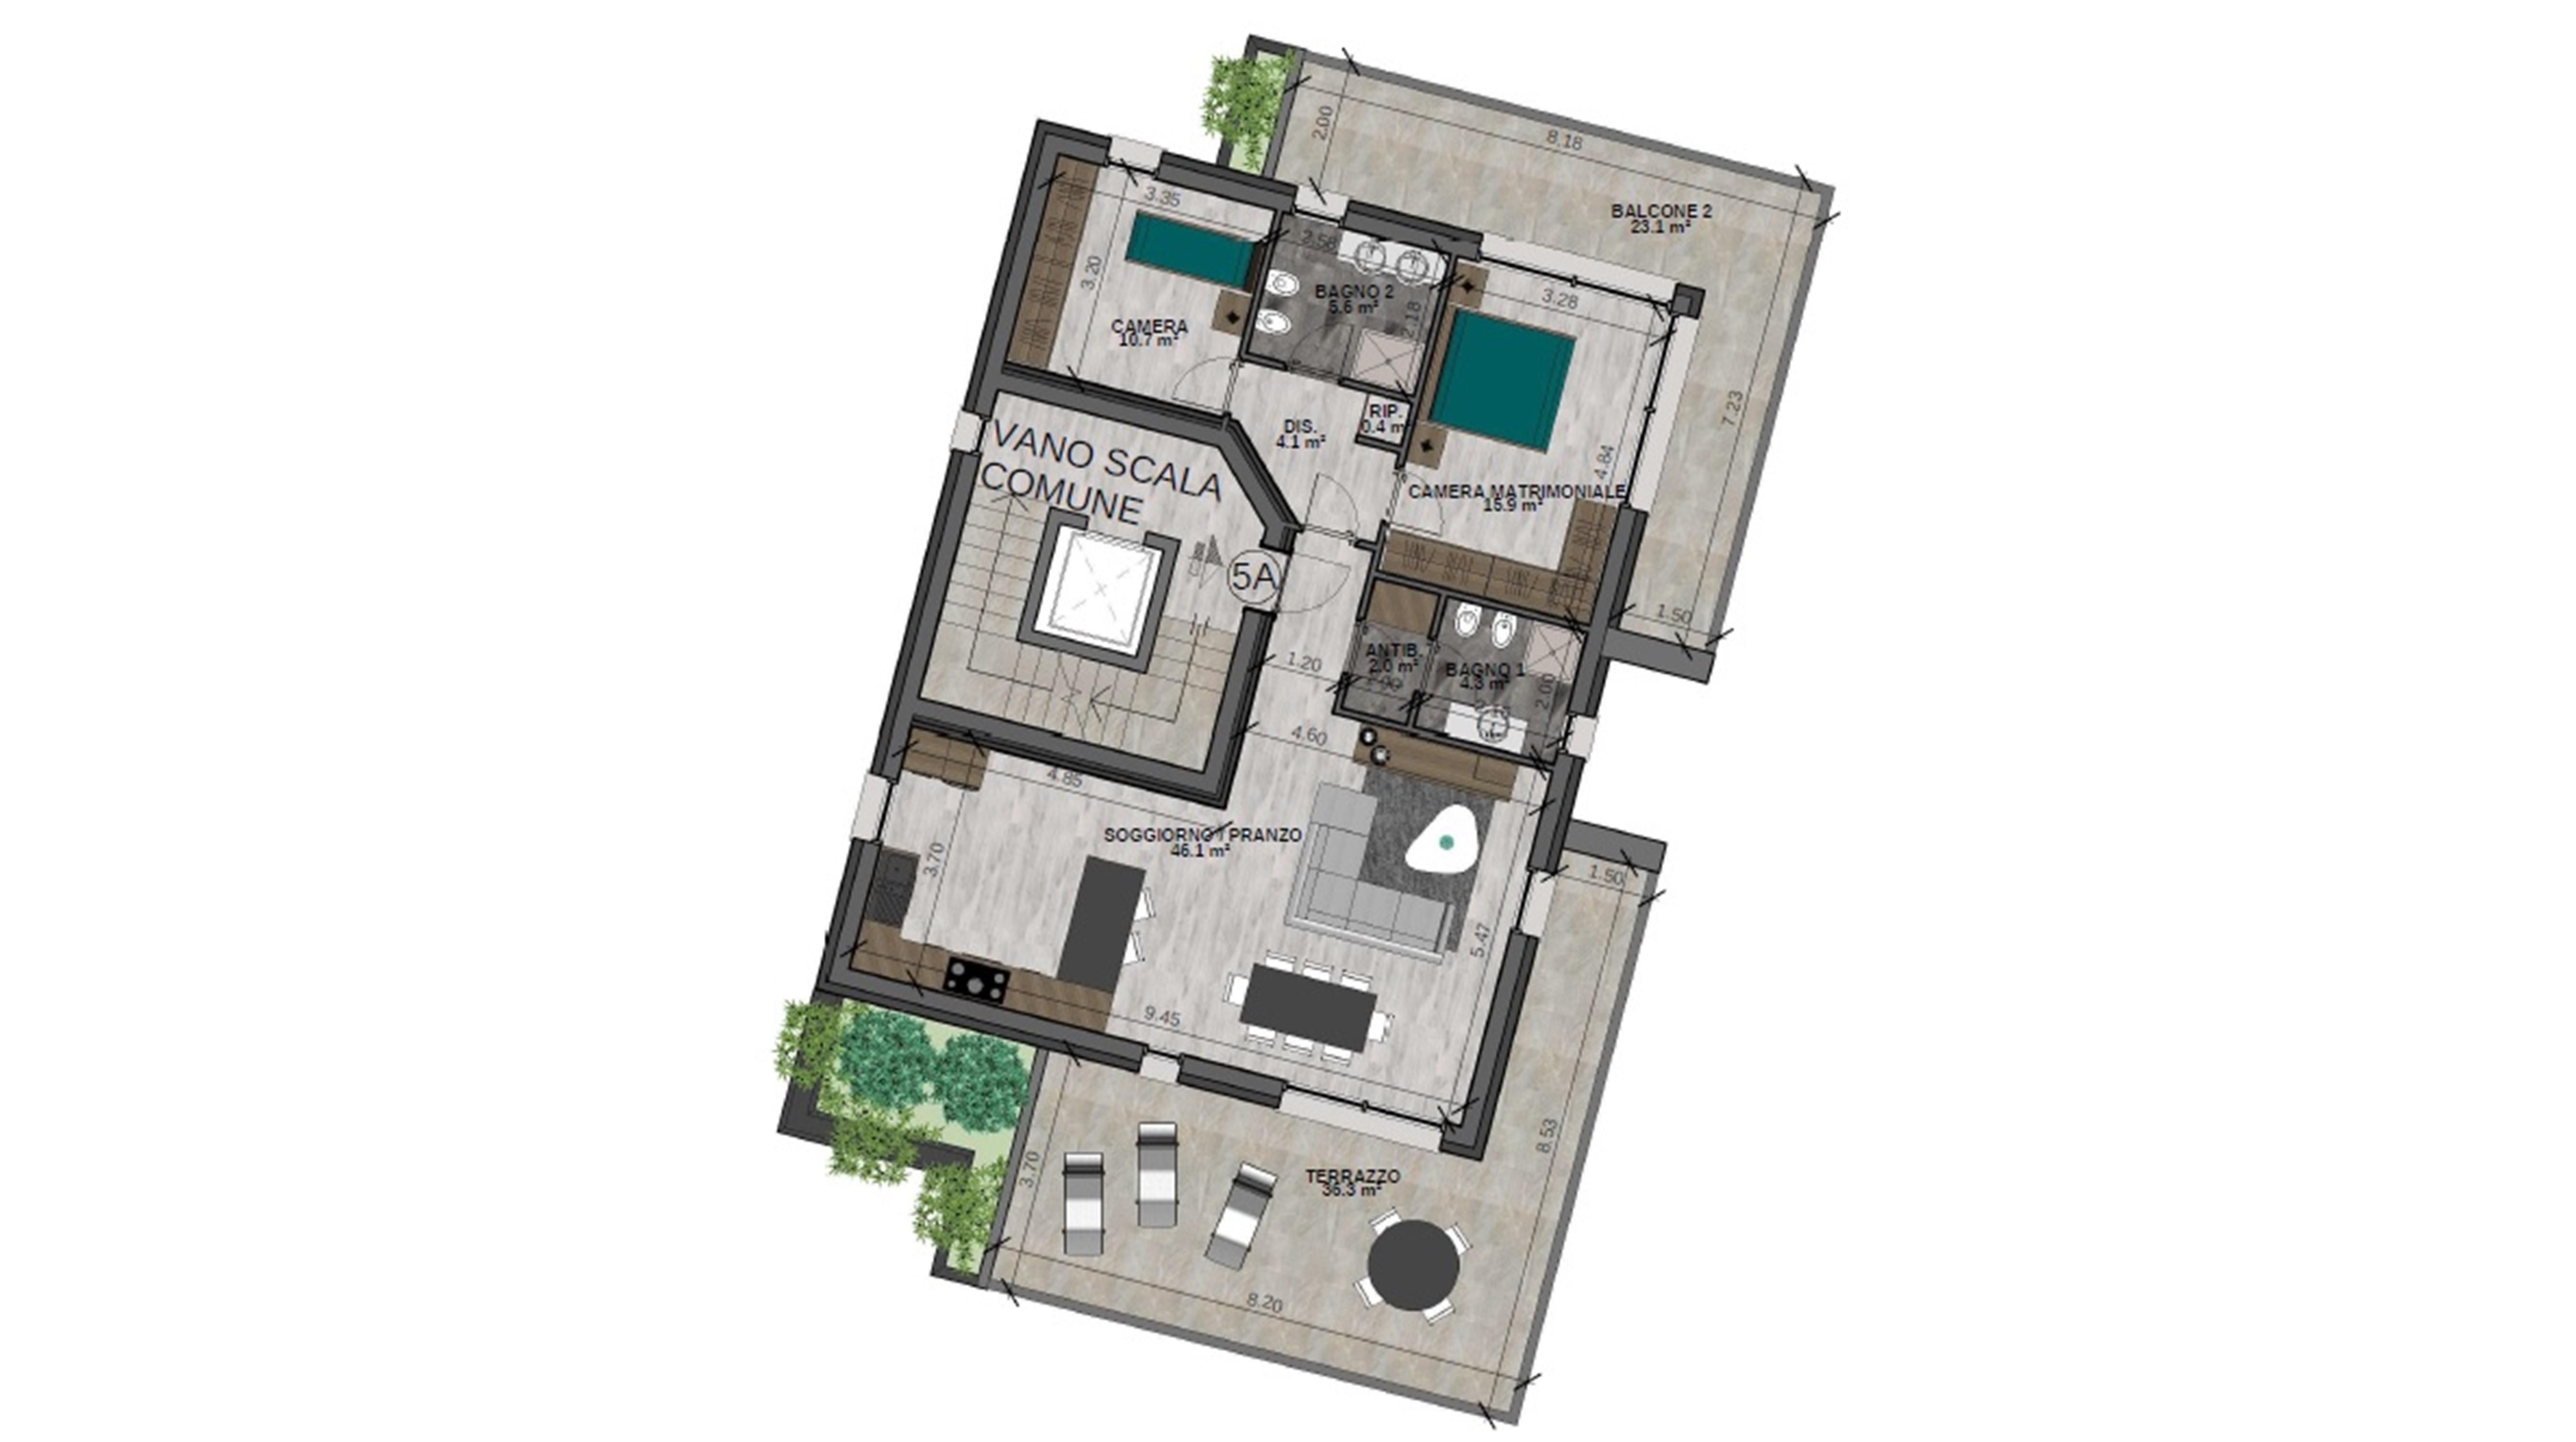 Trilocale (possibilità quadrilocale) 5A Piano Quinto - Sup. comm. 141 mq - 560.000 €